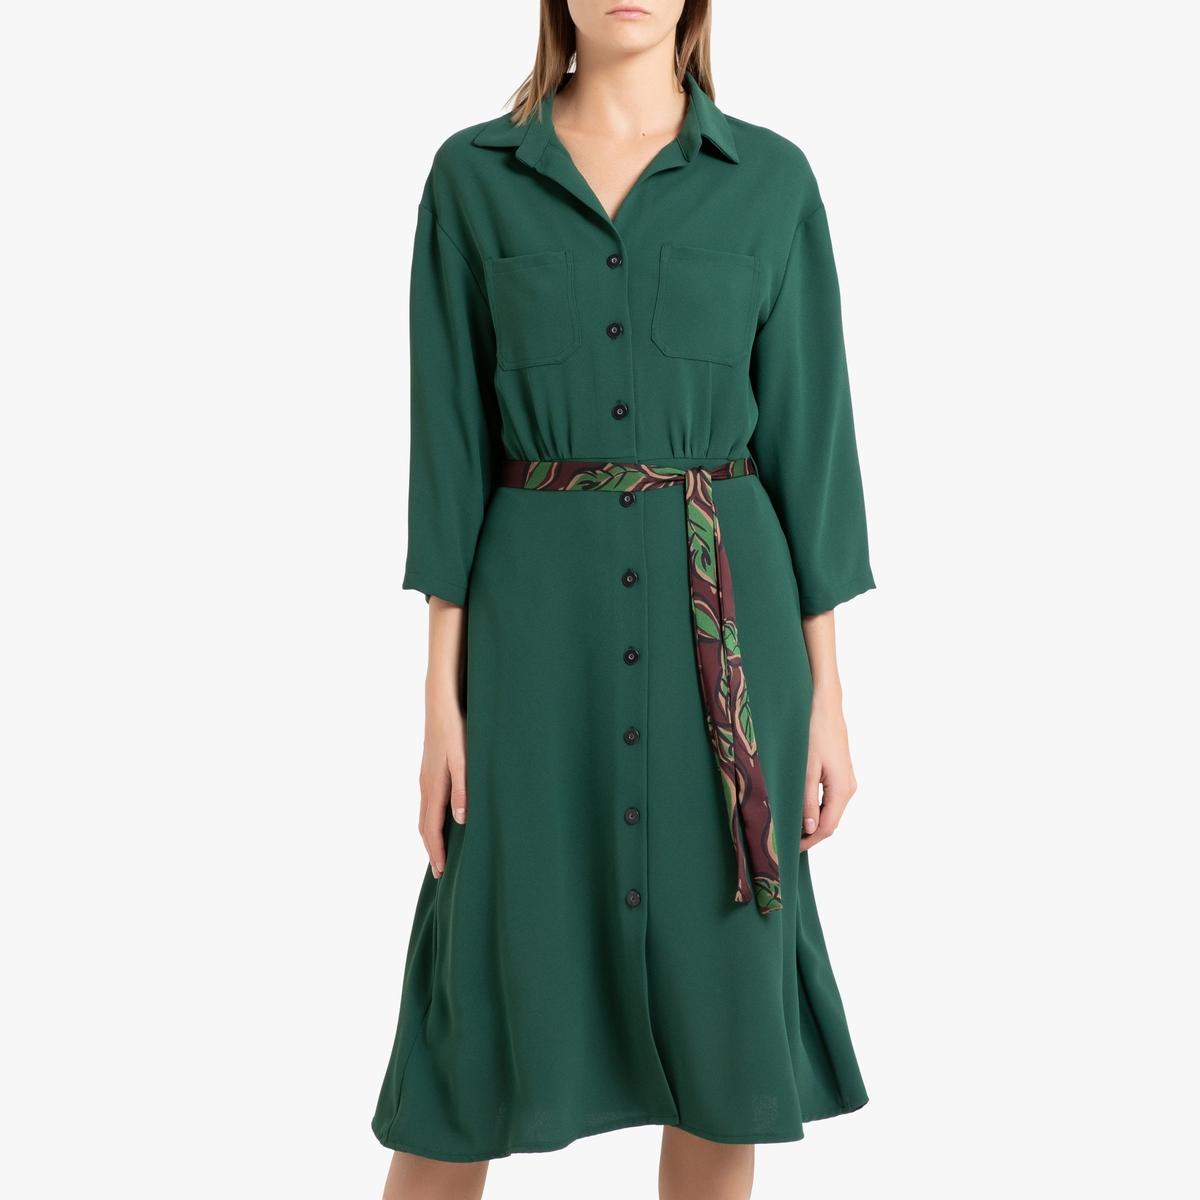 Платье-рубашка La Redoute С застежкой на пуговицы LOUISETTE M зеленый легкая рубашка с застежкой на пуговицы biriz легкая рубашка с застежкой на пуговицы page 5 page 4